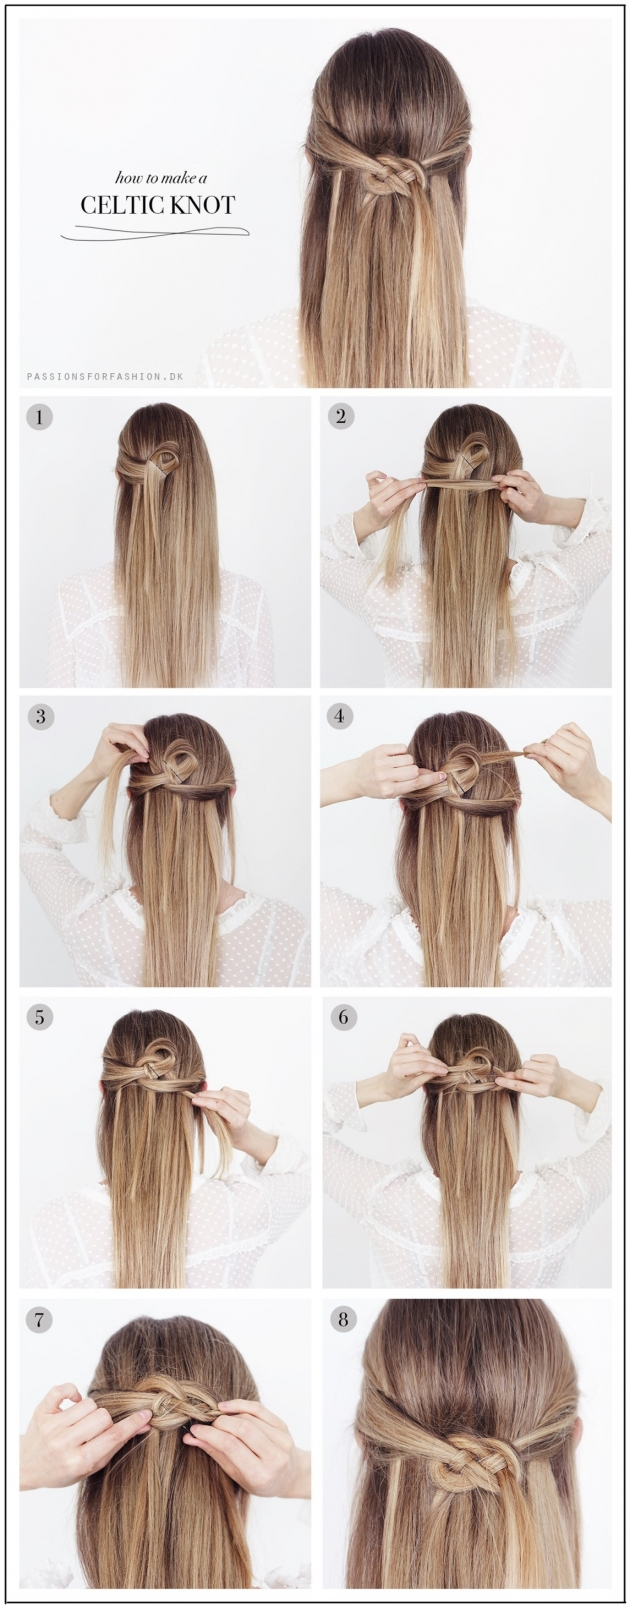 Fácil peinados faciles y rapidos paso a paso Colección De Cortes De Pelo Tutoriales - Peinados fáciles y rápidos para la escuela, el trabajo y ...